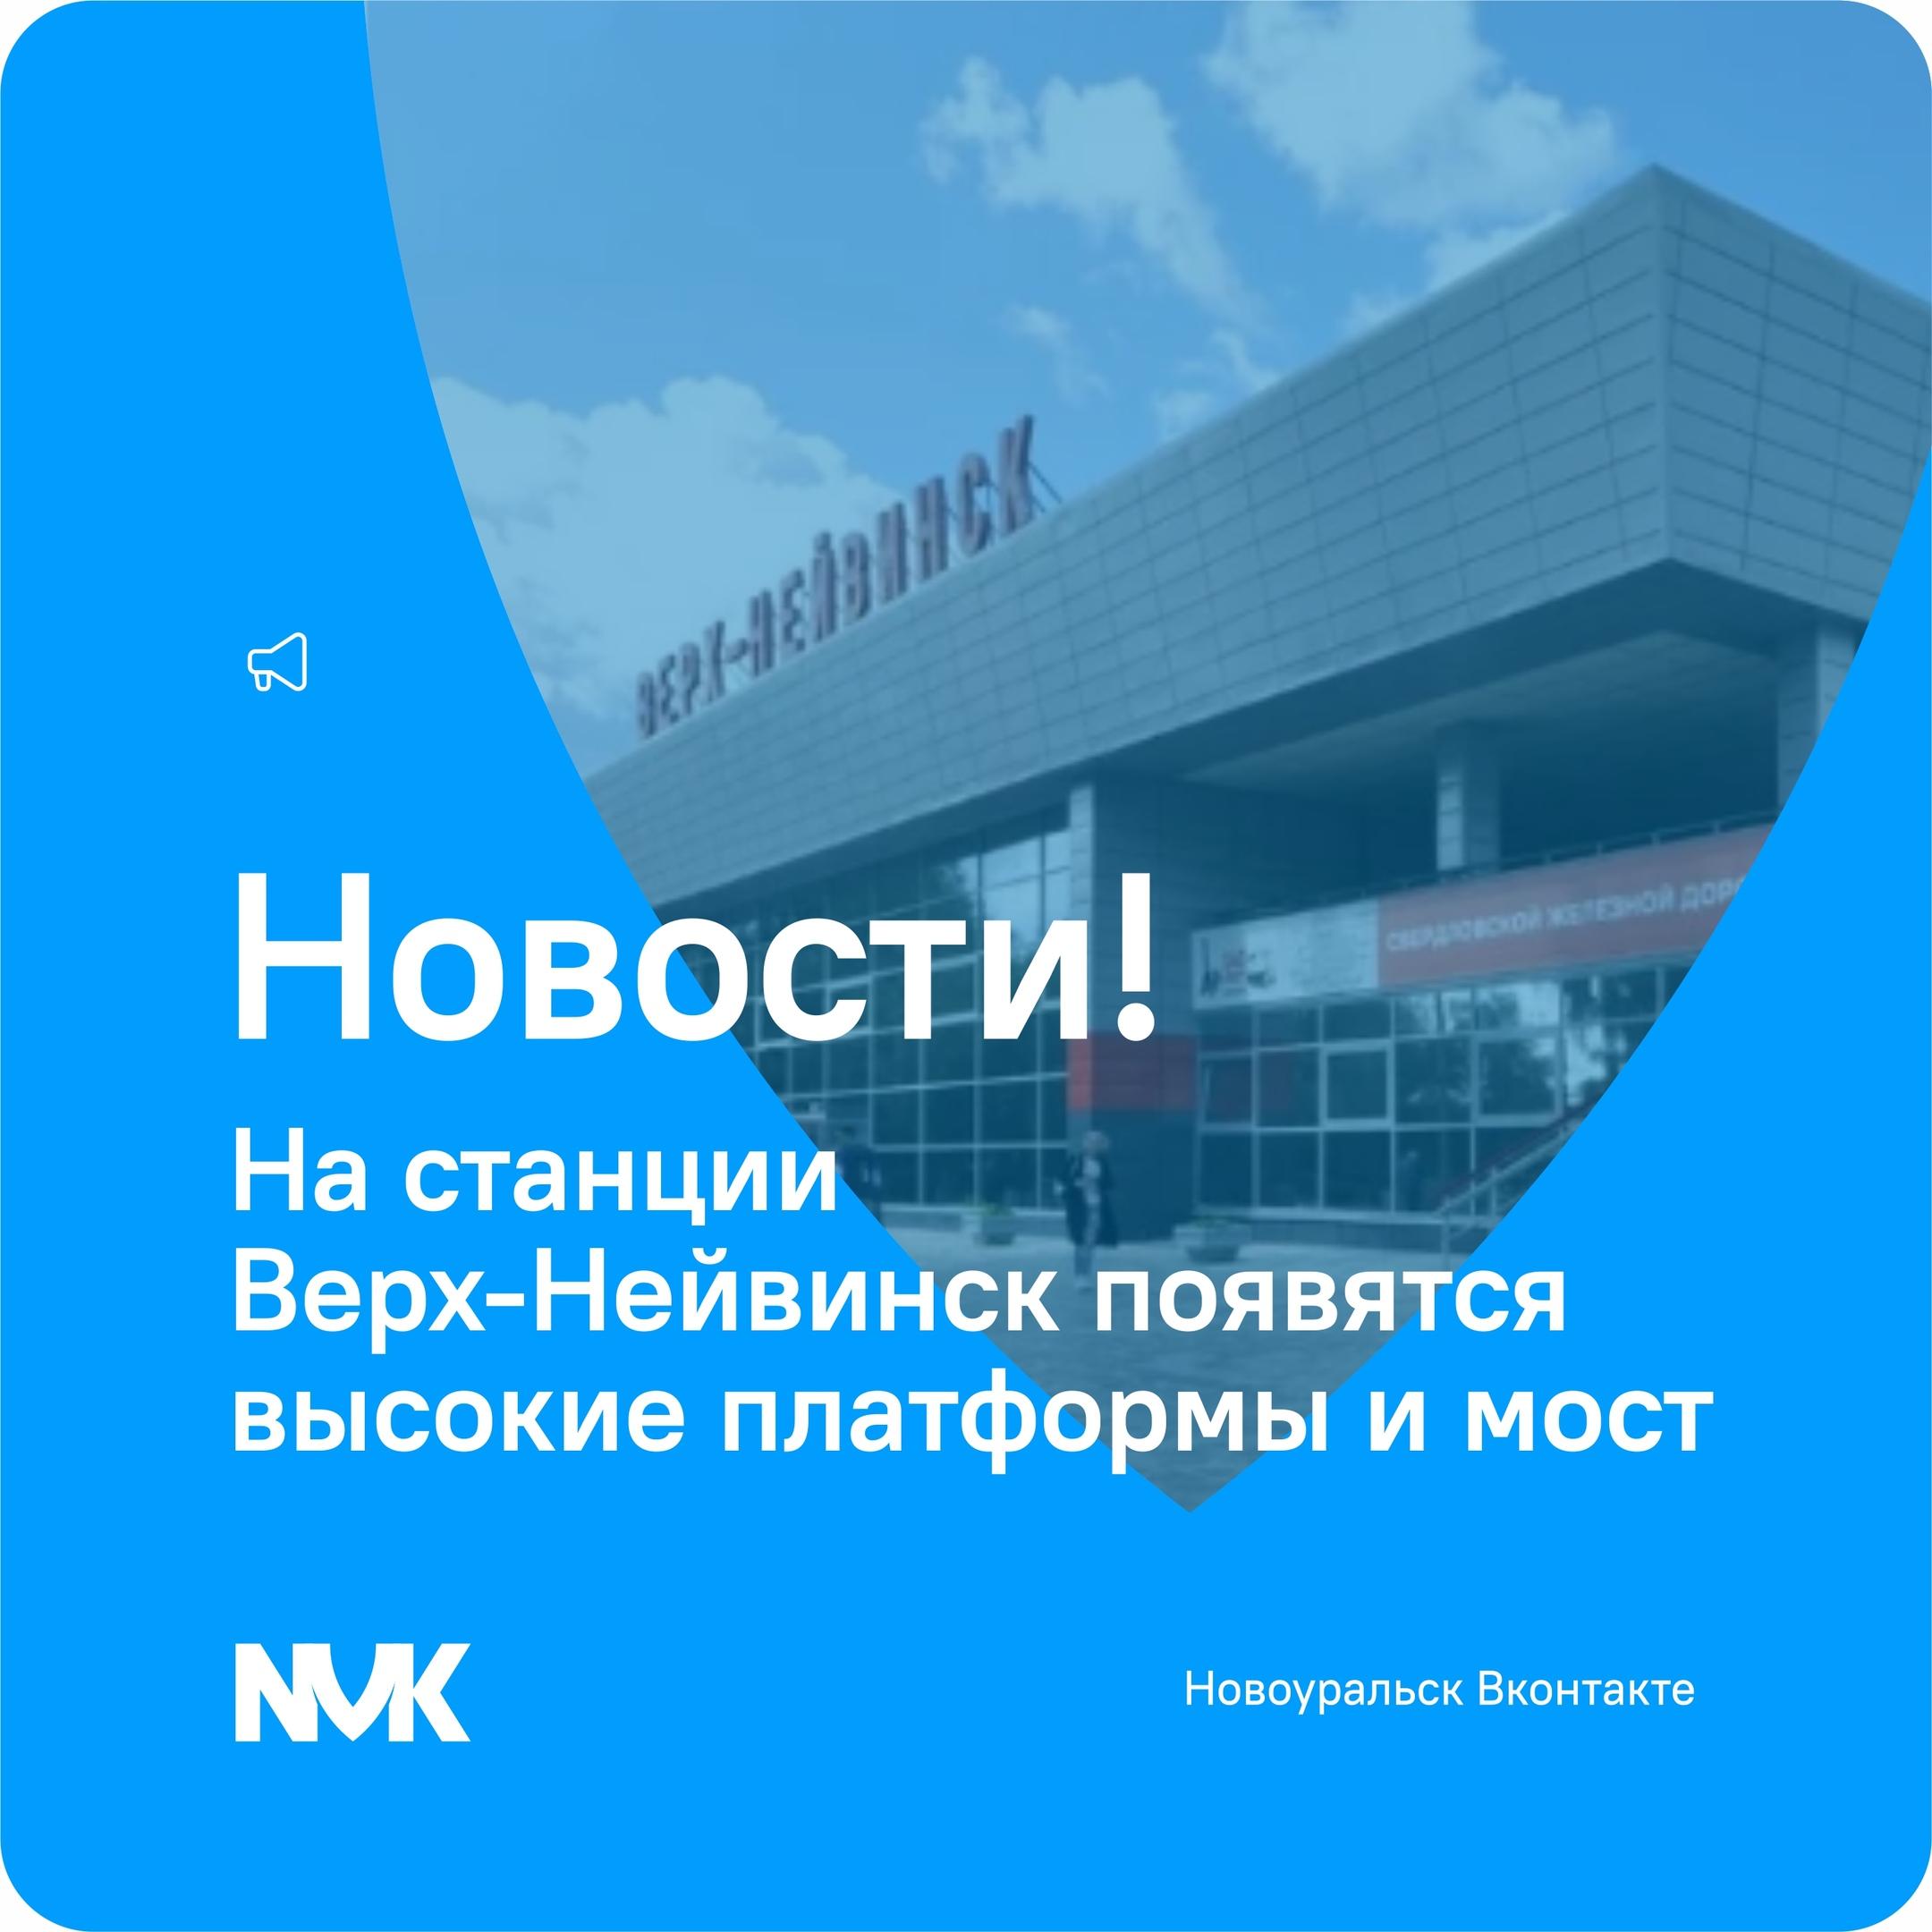 На станции Верх-Нейвинск появятся высокие платформы и мост